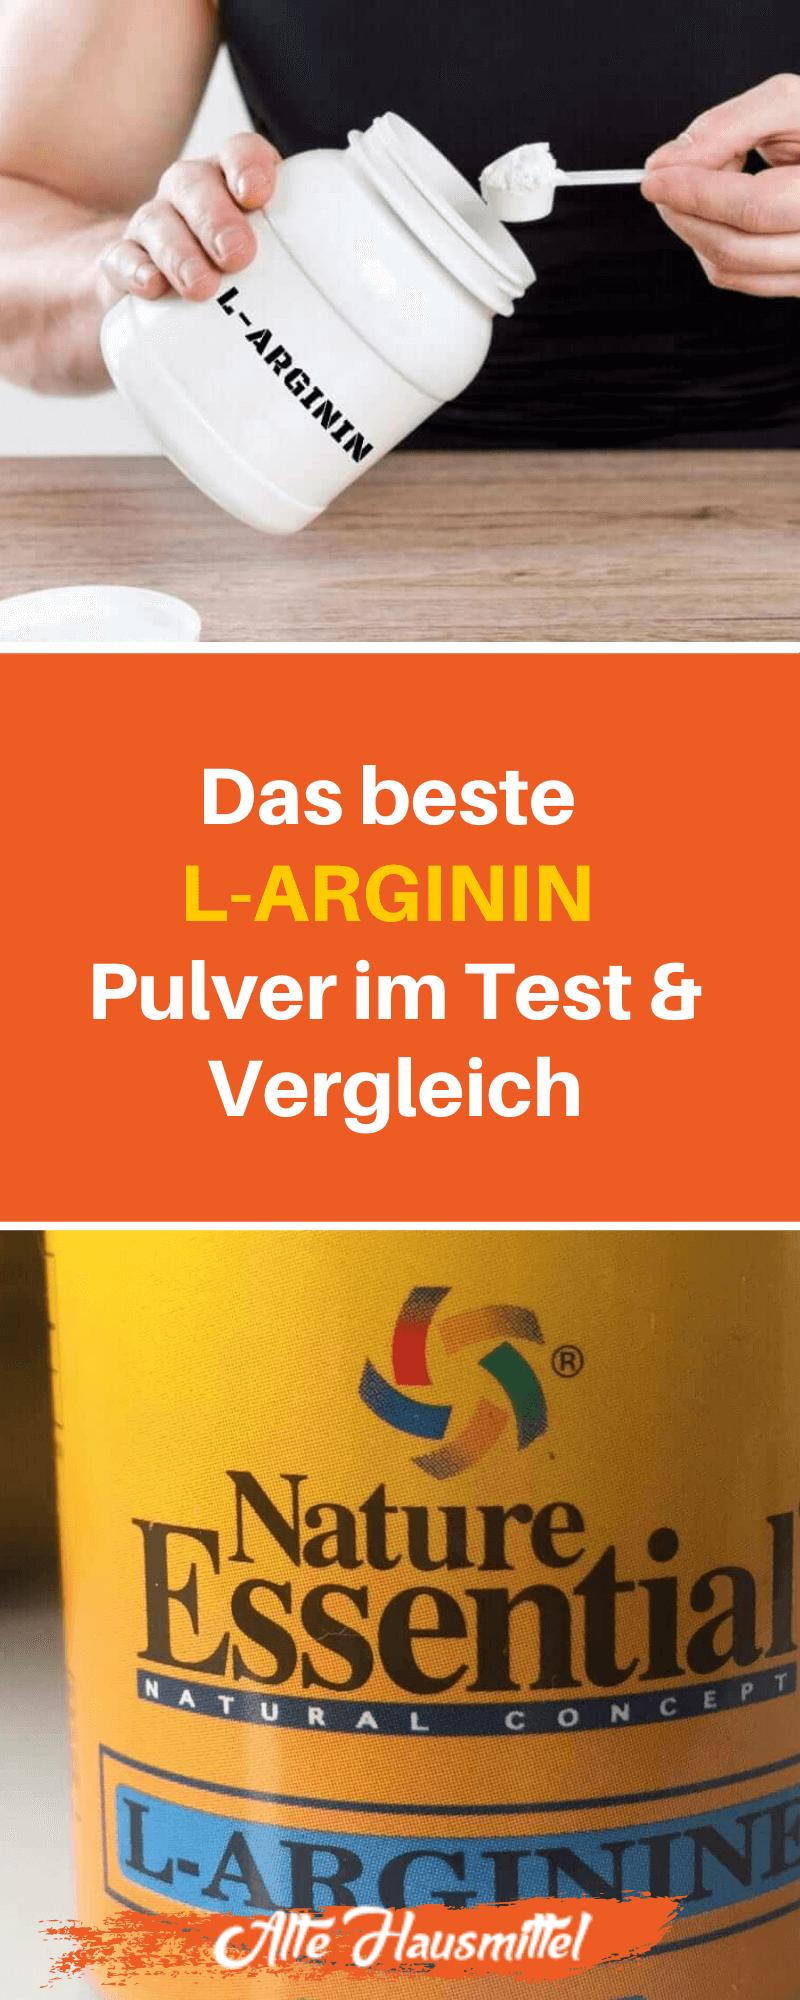 Das beste L-Arginin Pulver im Test & Vergleich